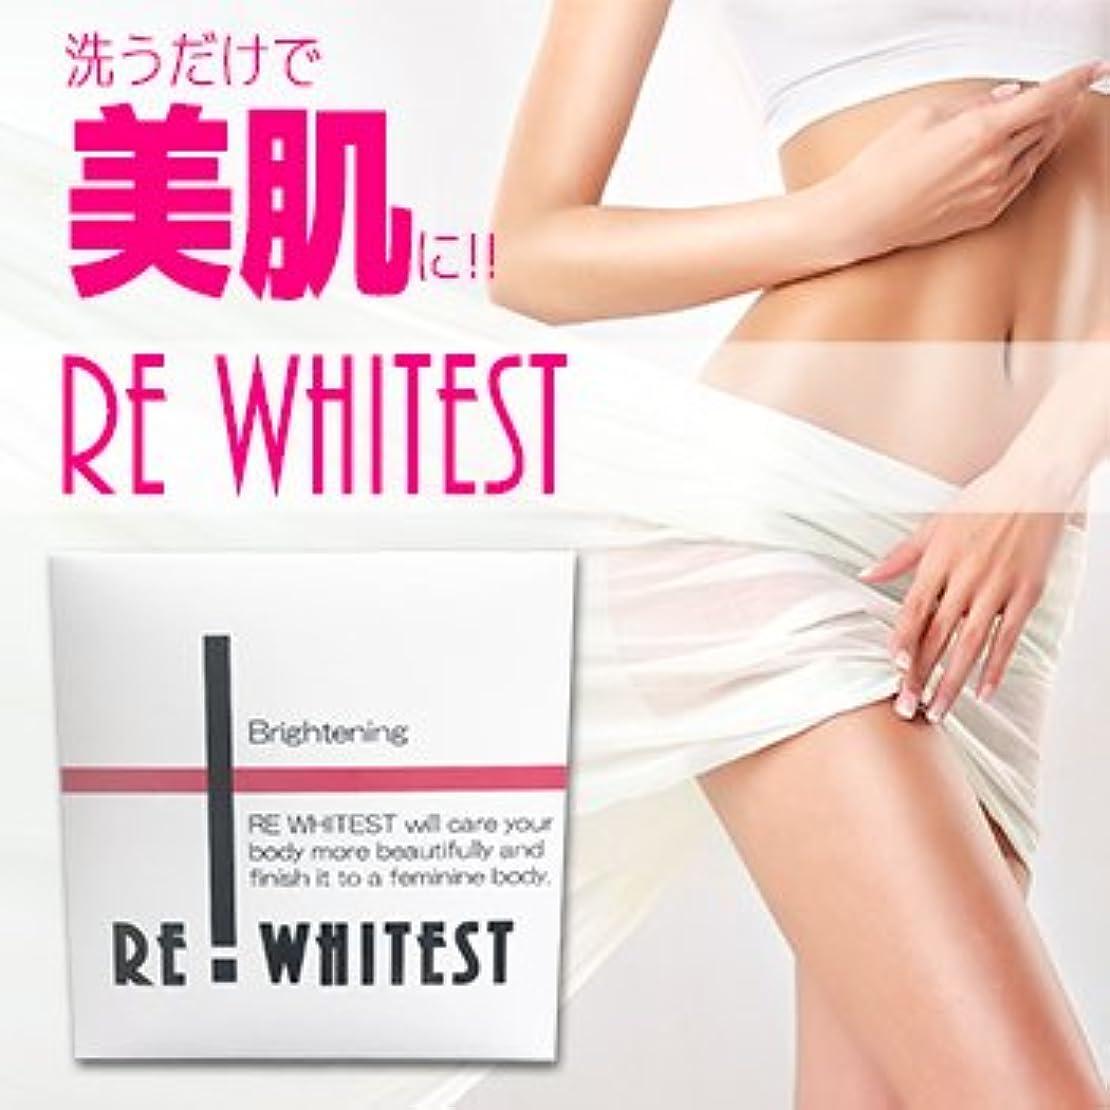 護衛イル法的パパイン+イソフラボン配合女性用美肌石鹸 REWHITEST-リホワイテスト-